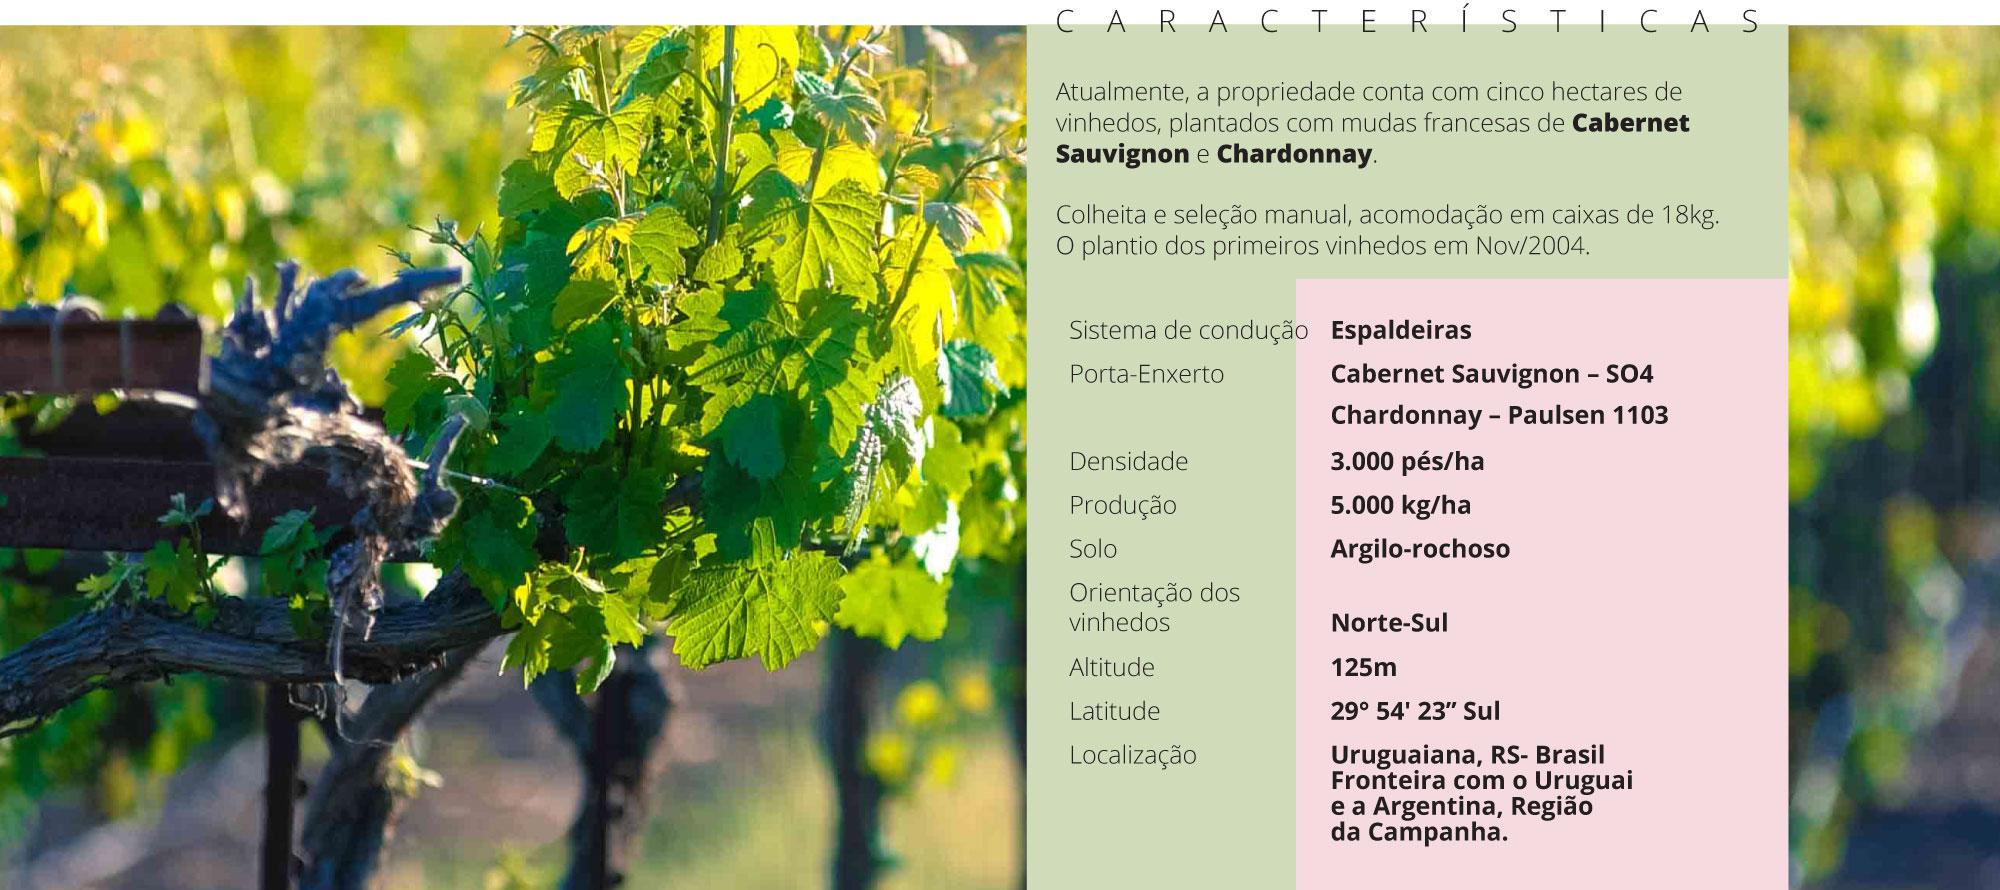 Características vinhos Bodega Sossego